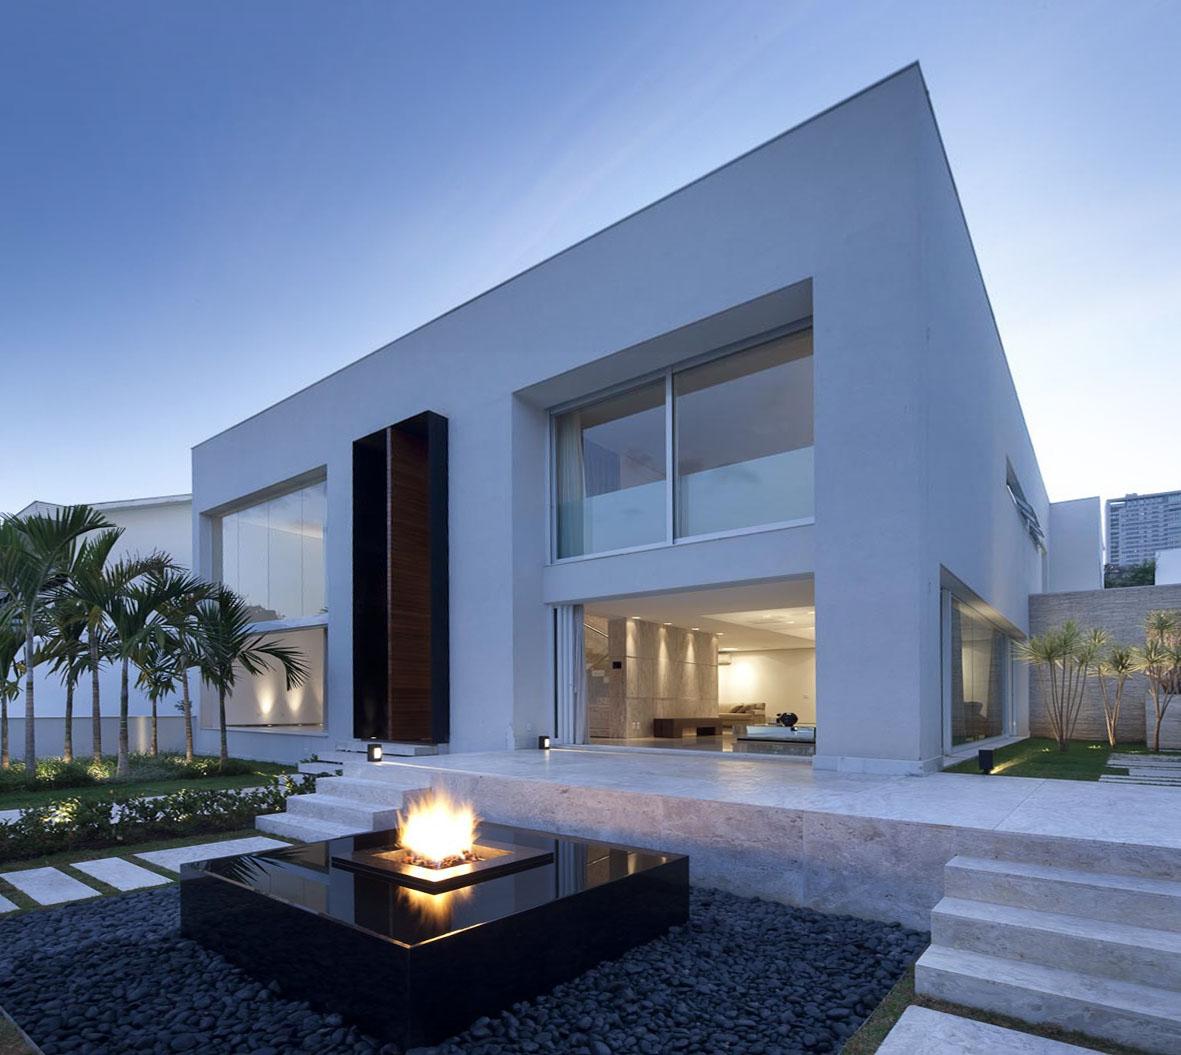 jardim vertical em belo horizonte:Casa em Belo Horizonte por Leonardo Rotsen